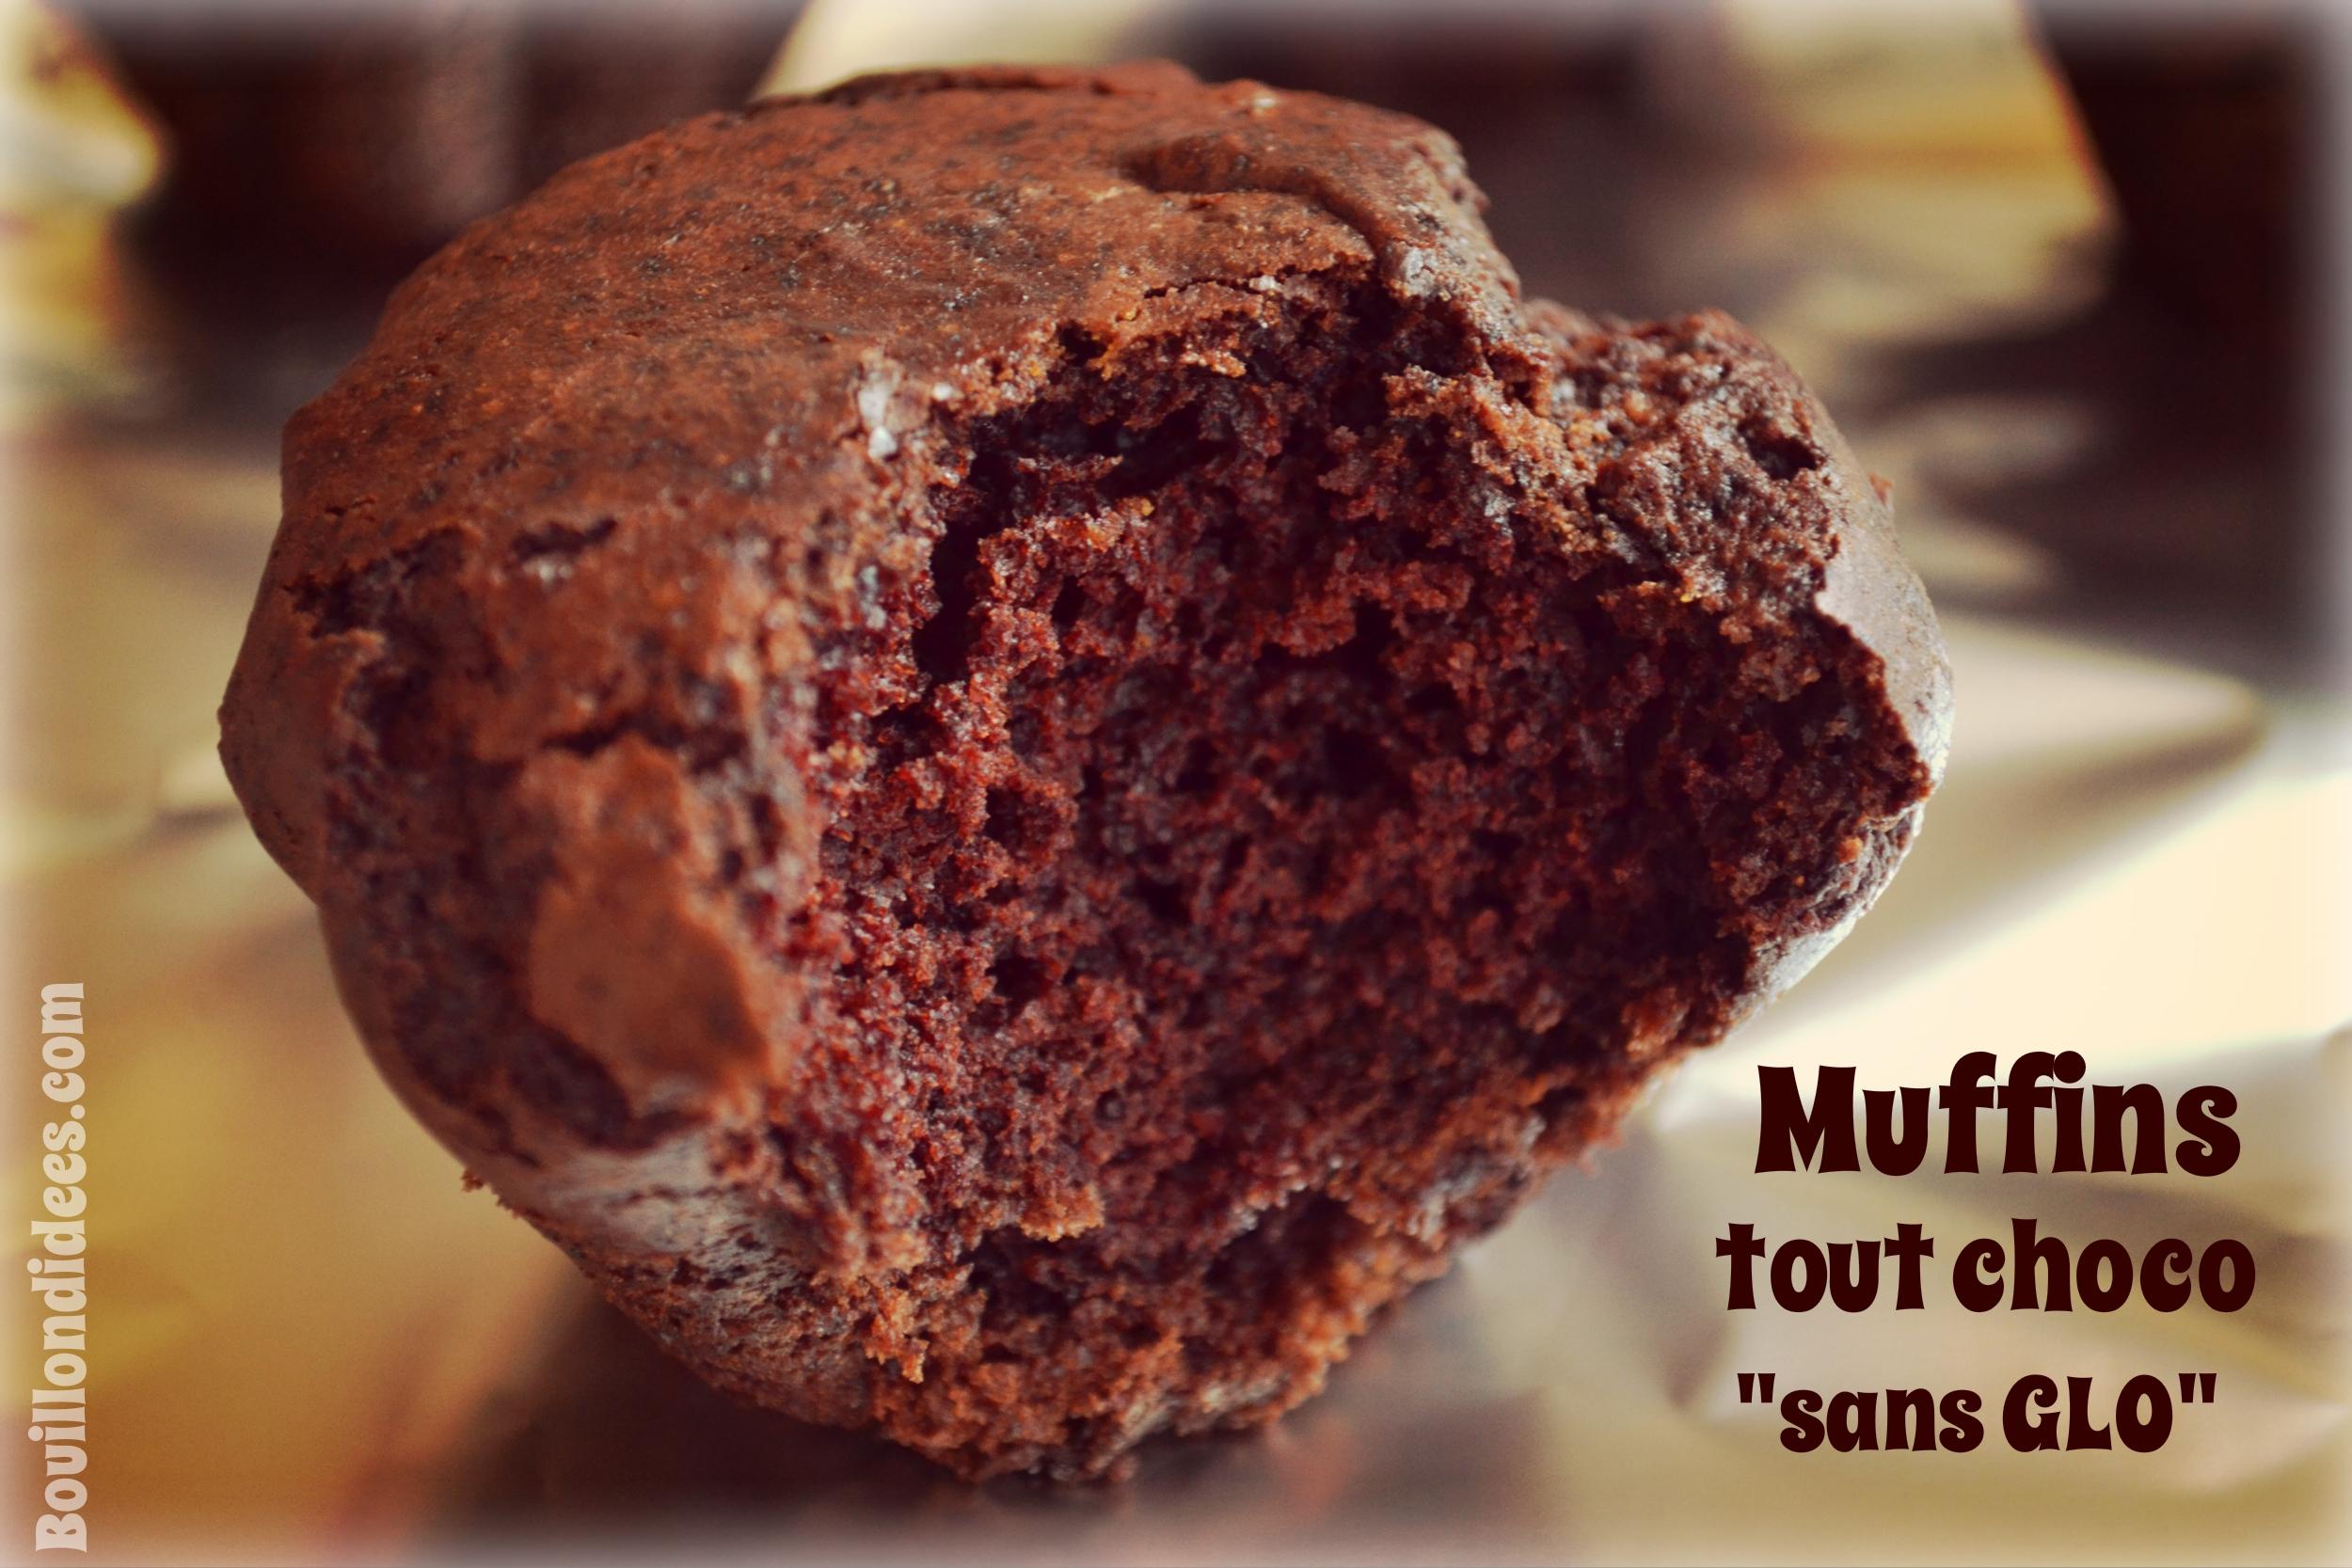 Des Muffins Tout Choco Moelleux Et Sans Glo Gluten Lait Oeuf